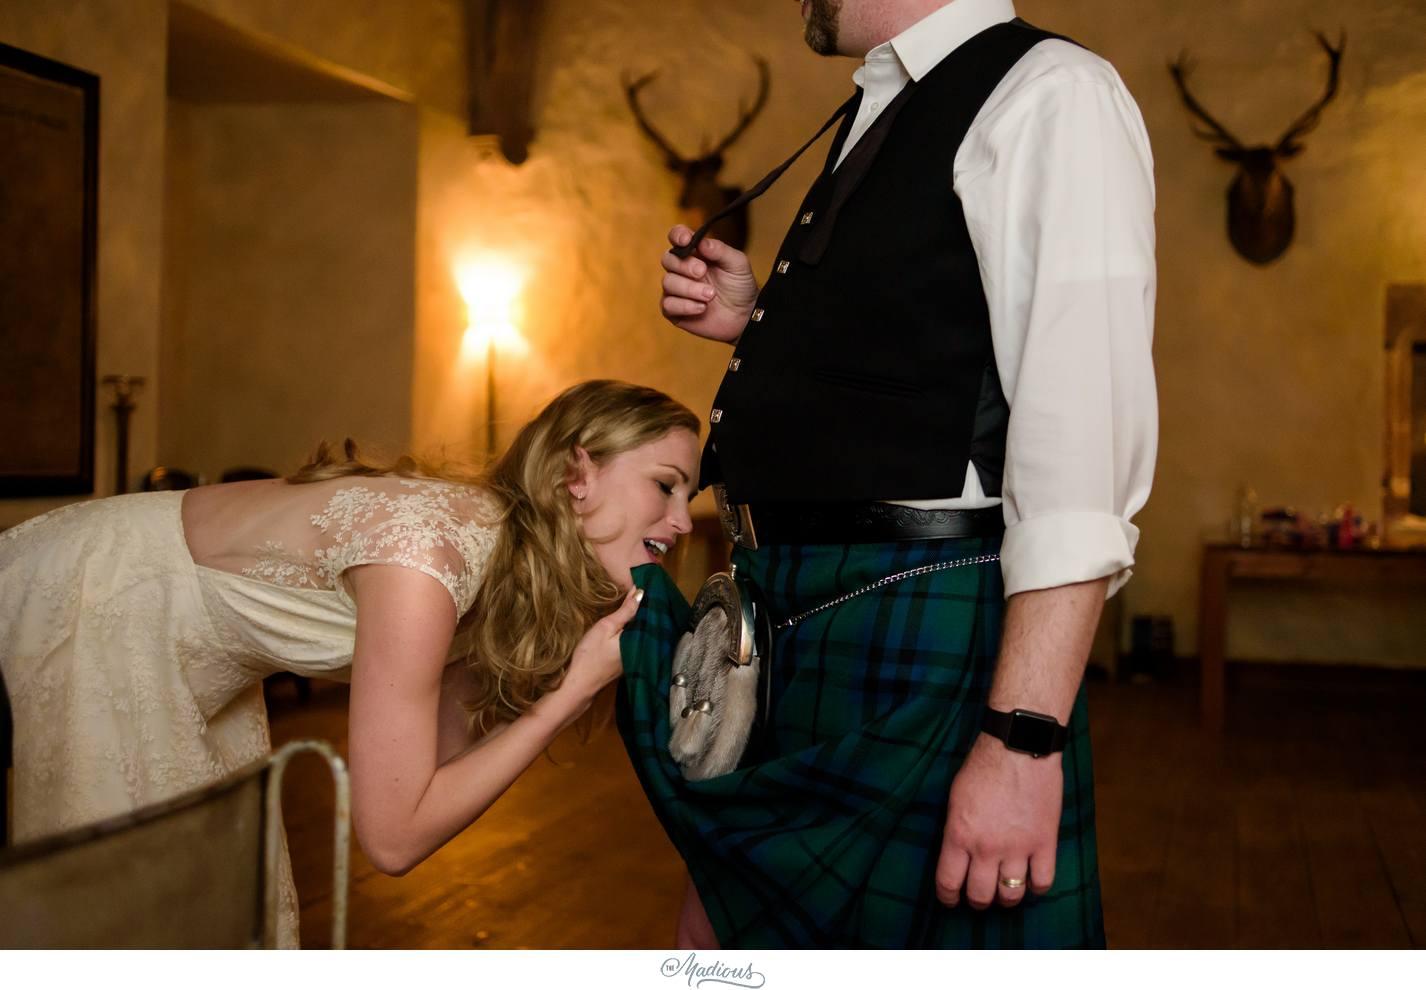 Balbegno_Dunnotar_Castle_Scottland_Wedding_73.jpg